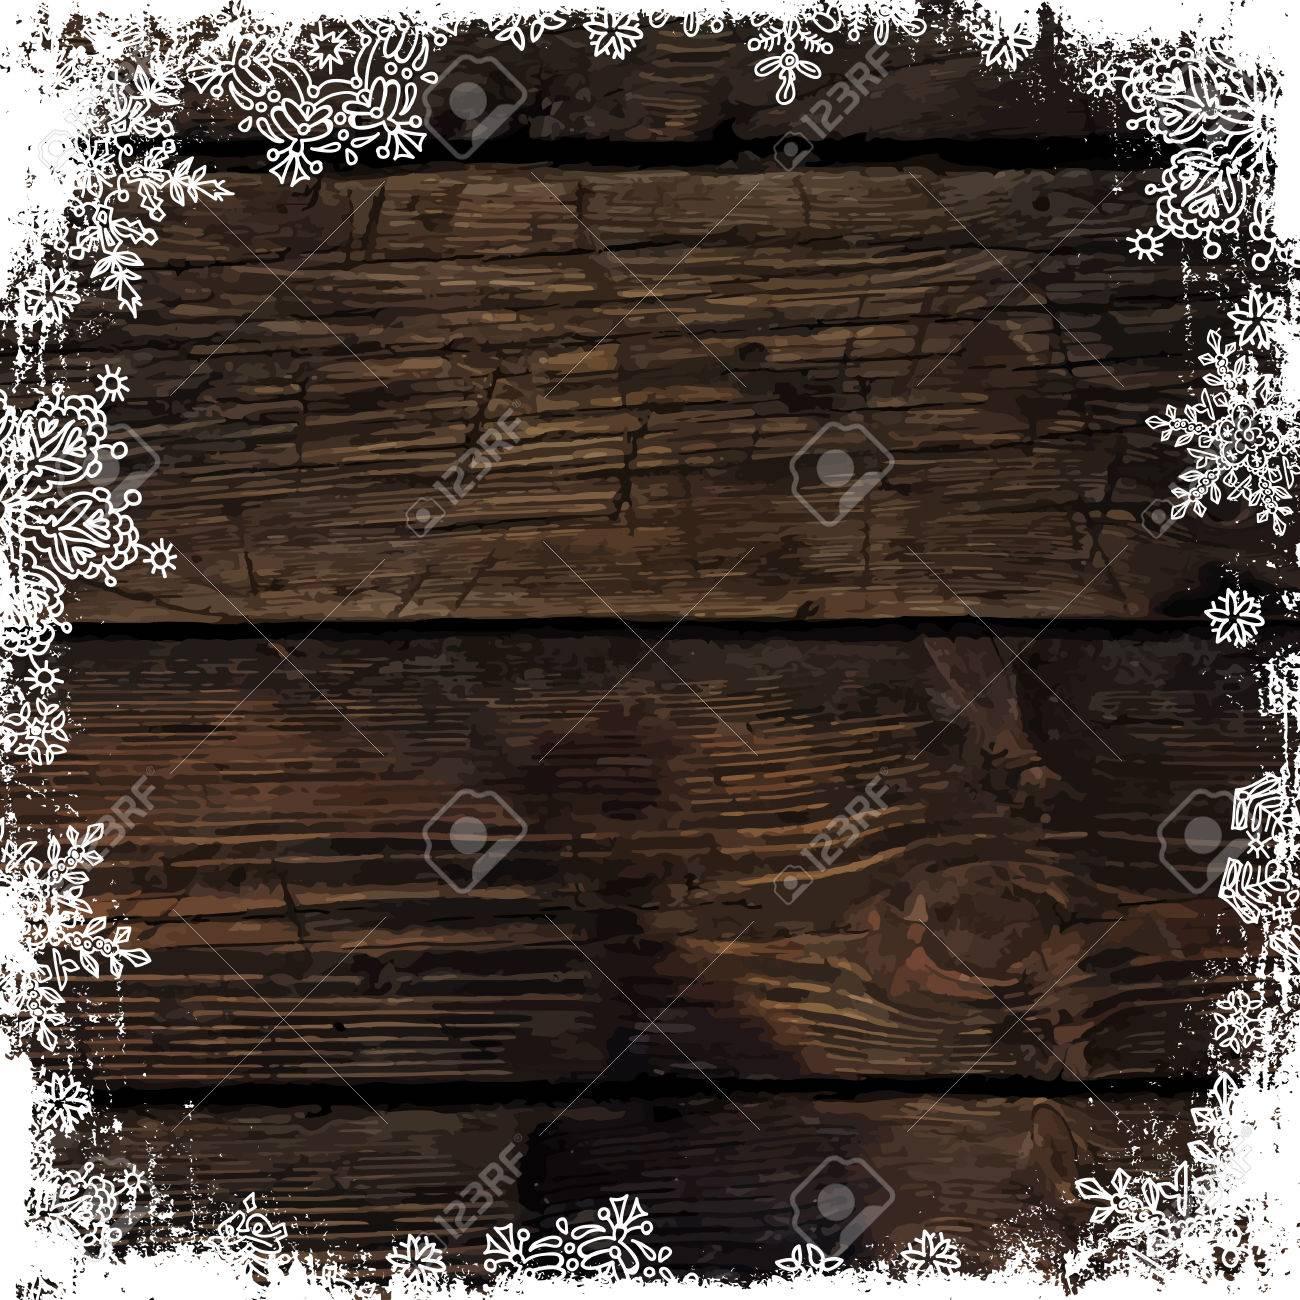 Navidad De Fondo Marrón De Madera Con Copos De Nieve. Ornamento ...